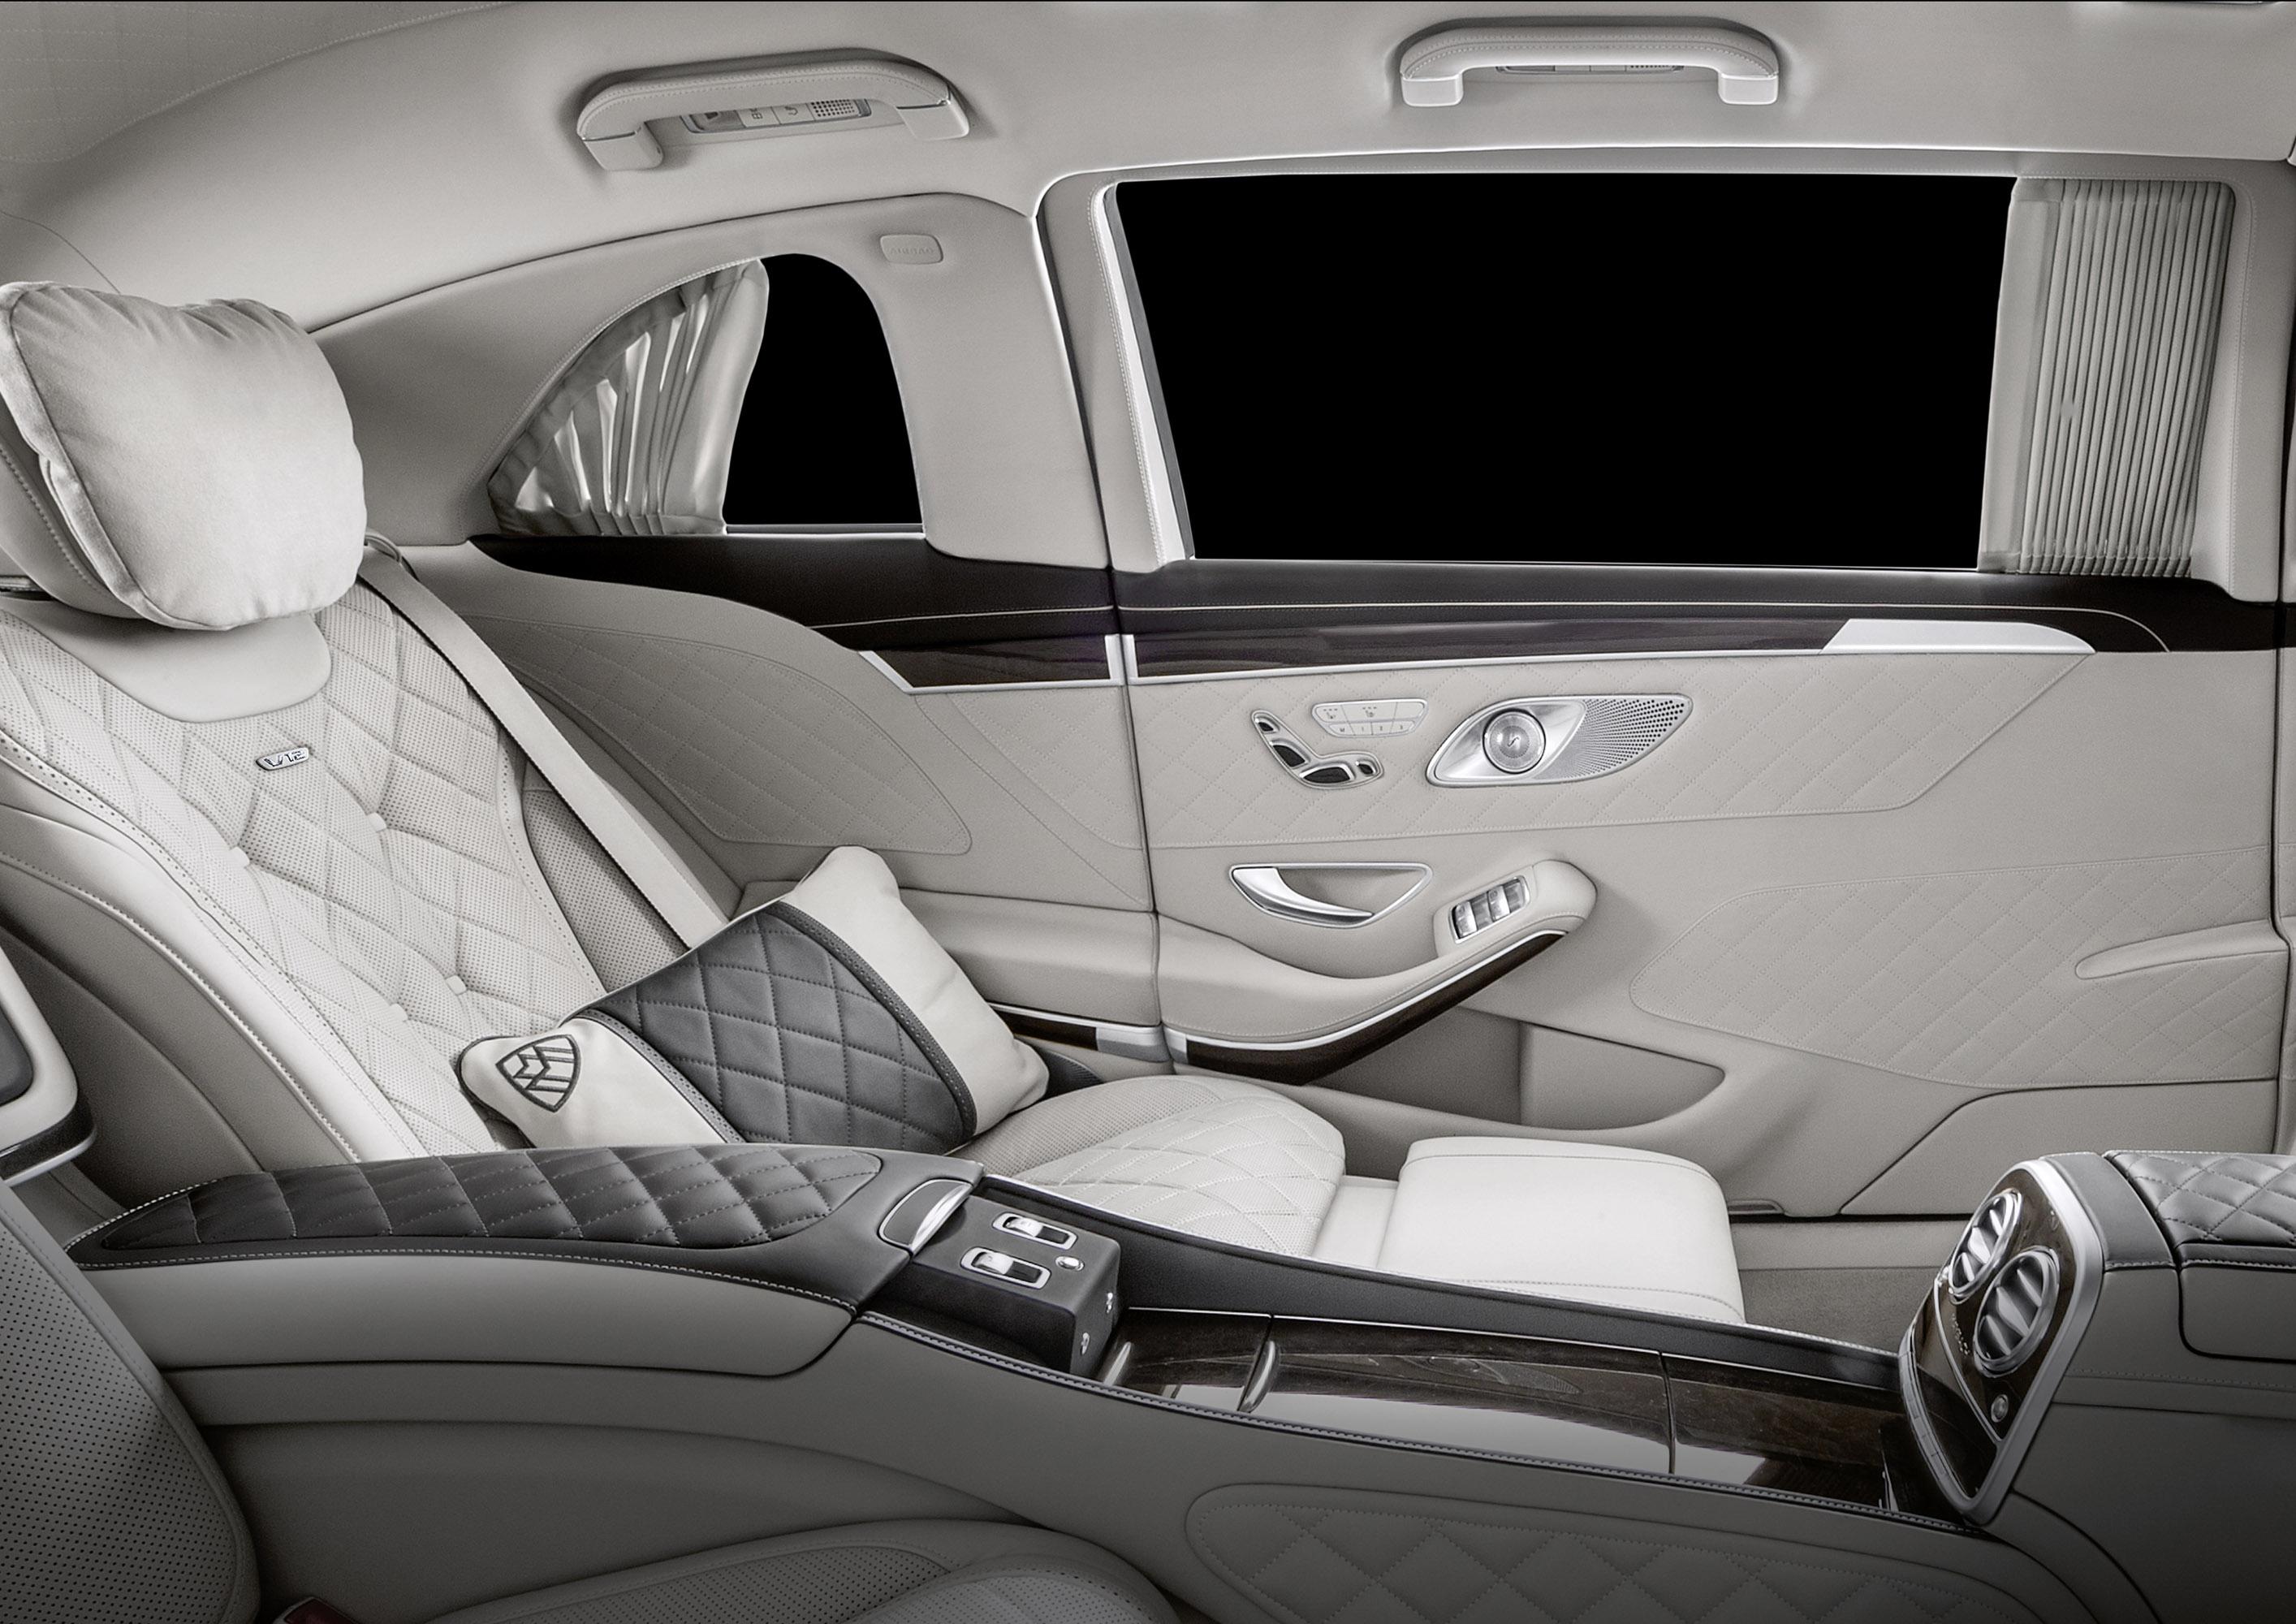 Салон представляет собой идеальное место для отдыха и комфорта. Здесь можно насладиться комфортном на двух эксклюзивных сиденьях, которые смотрят вперед и получили самое длинное место для ног, которое когда-либо было представлено на машине Maybach. Т